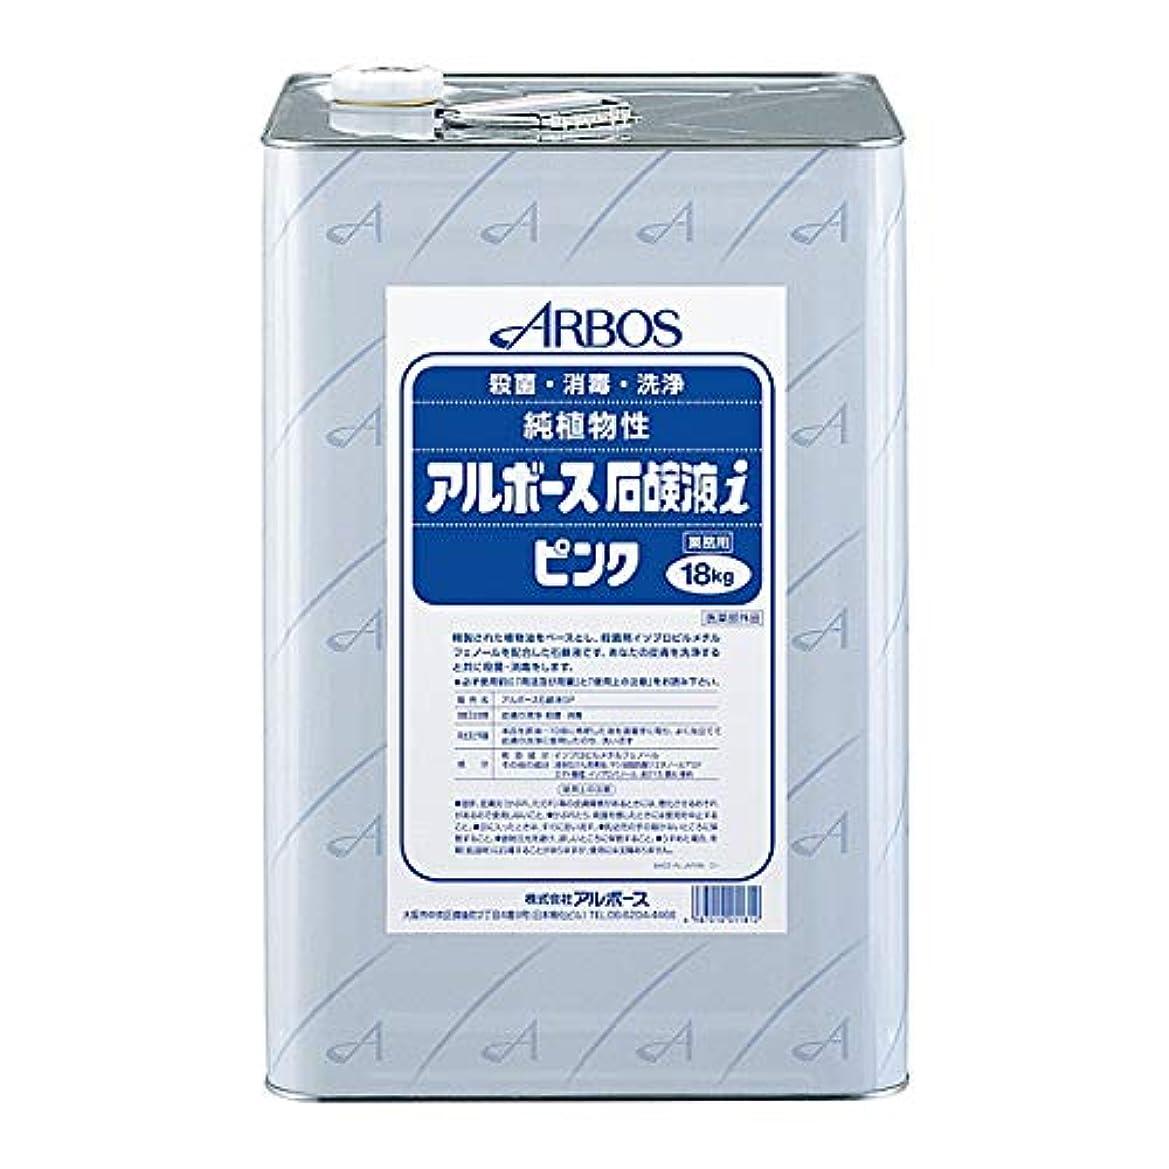 表面ギネス非アクティブ【清潔キレイ館】アルボース石鹸液i ピンク(18L)+つめブラシ1個 オマケ付